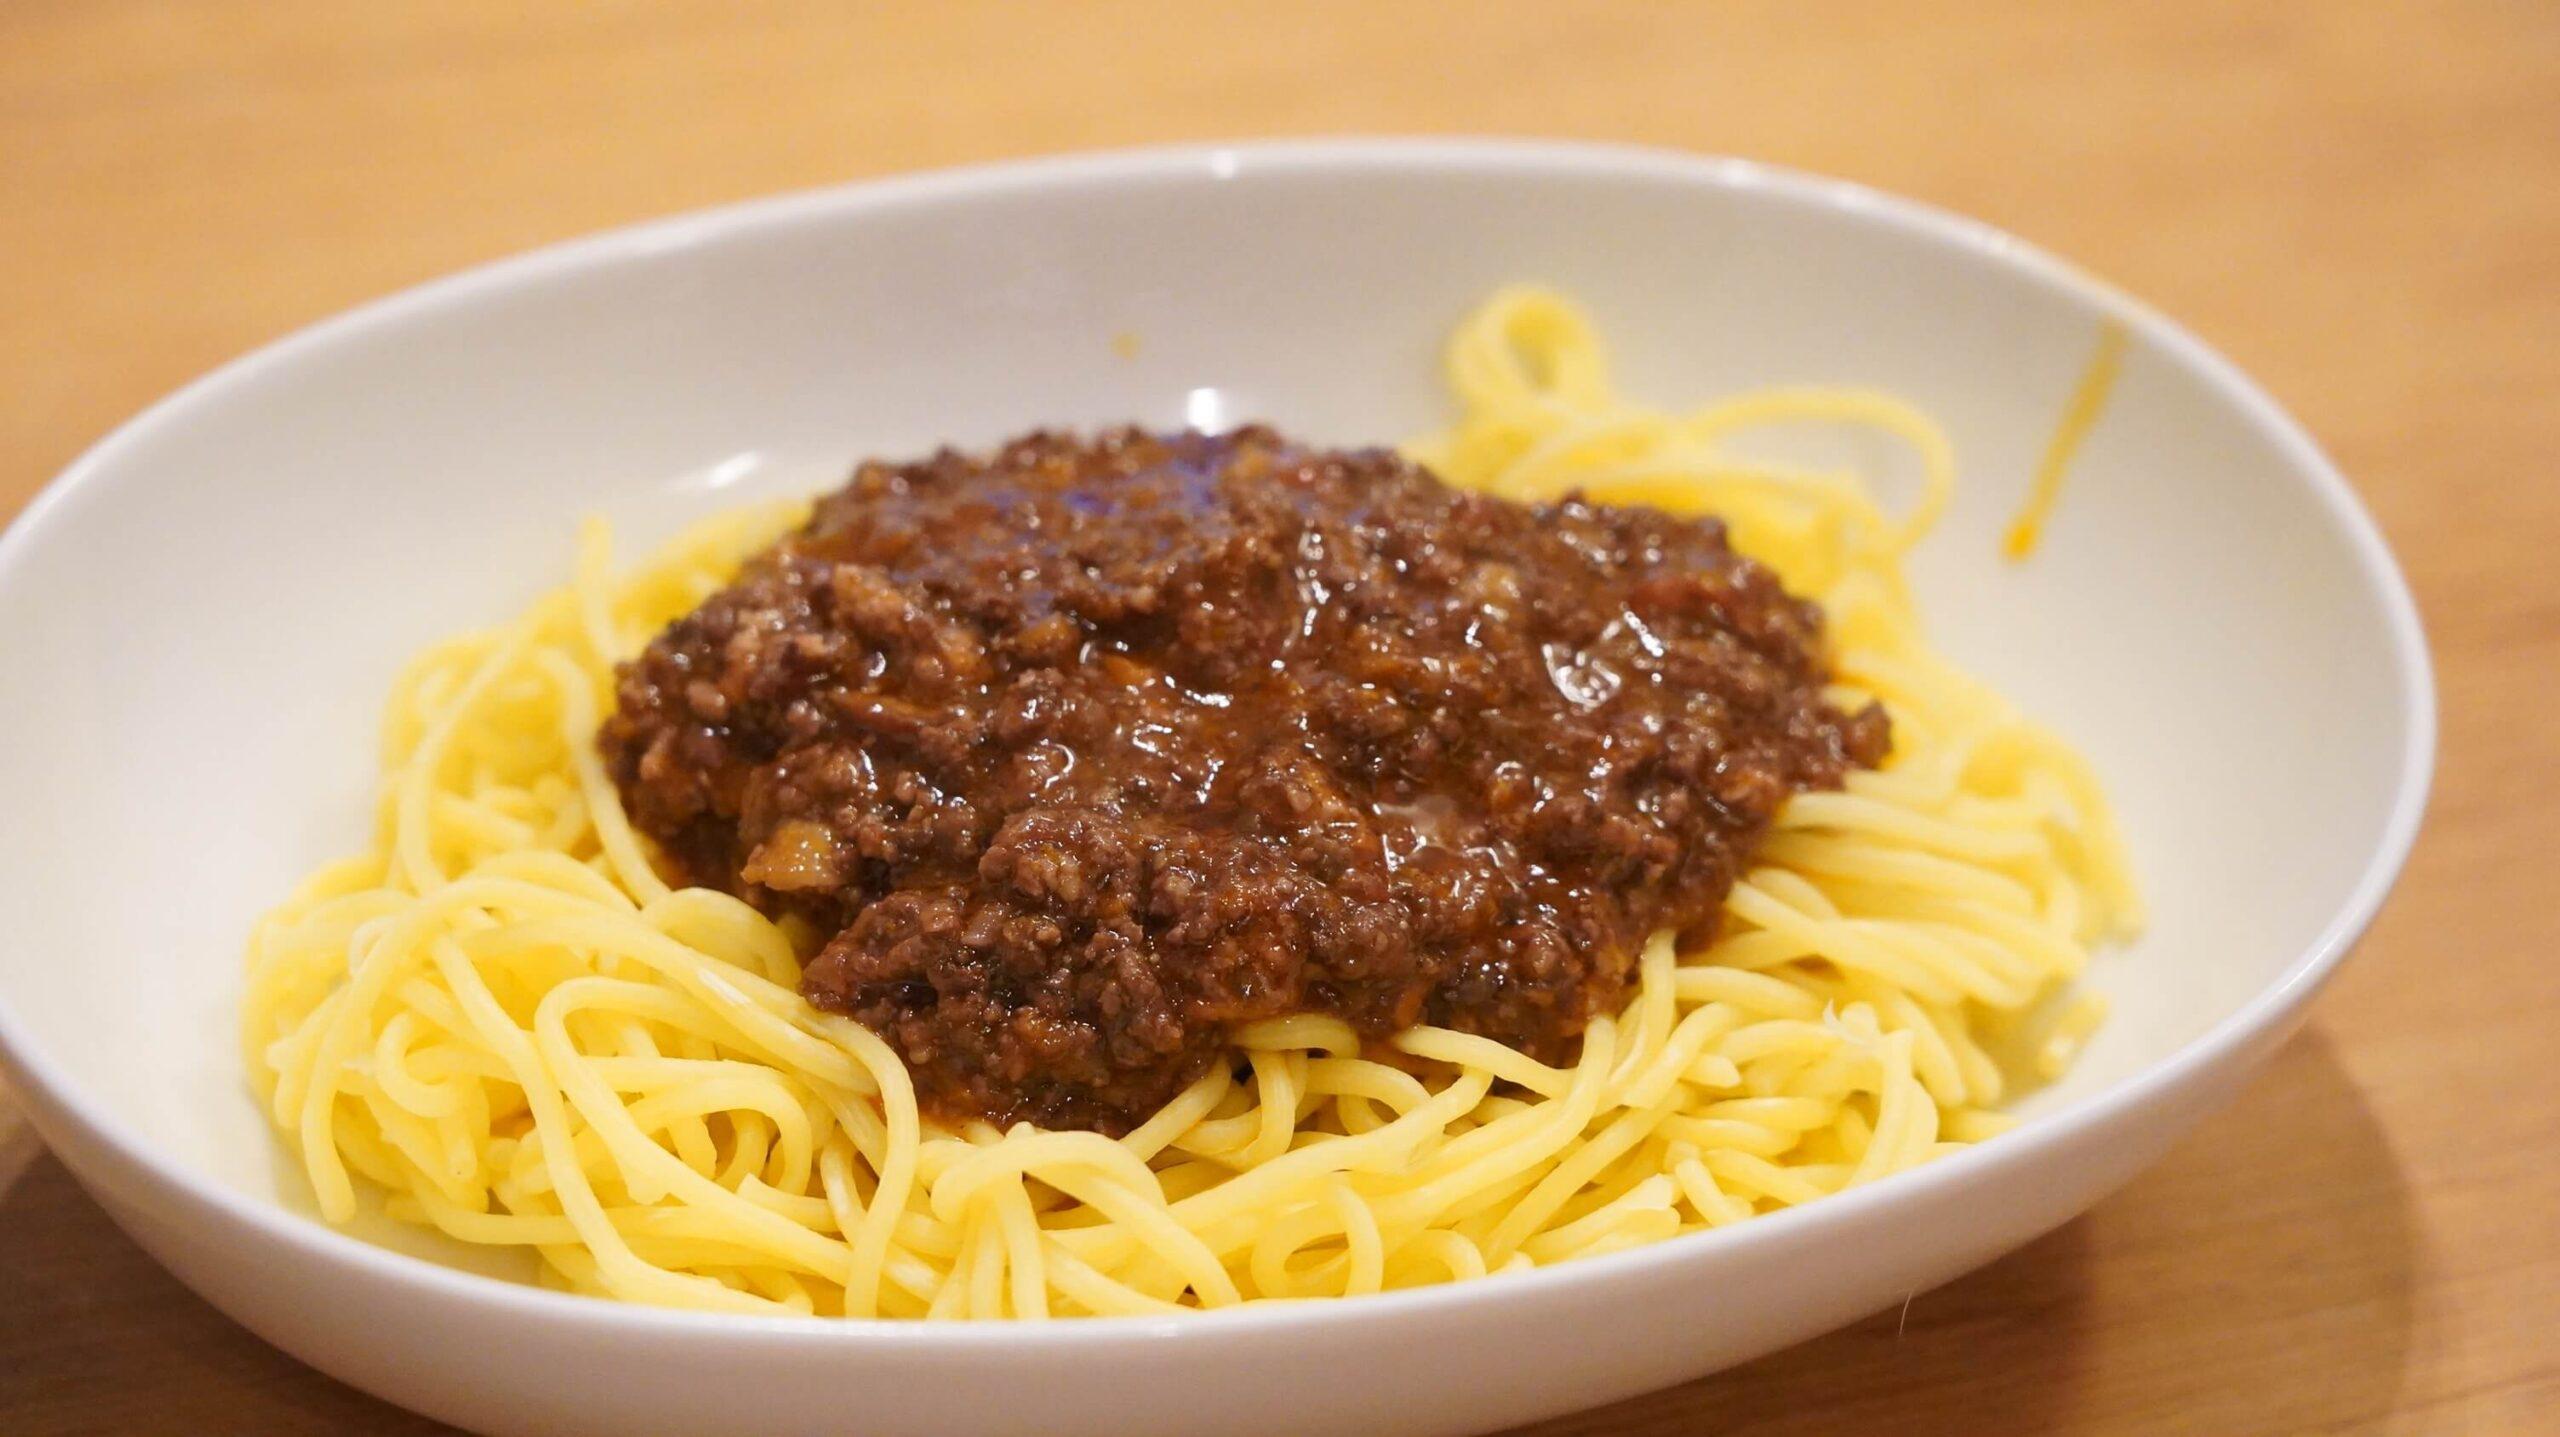 俺のイタリアンの冷凍食品「トリュフ薫るボロネーゼ」を皿に盛りつけた写真